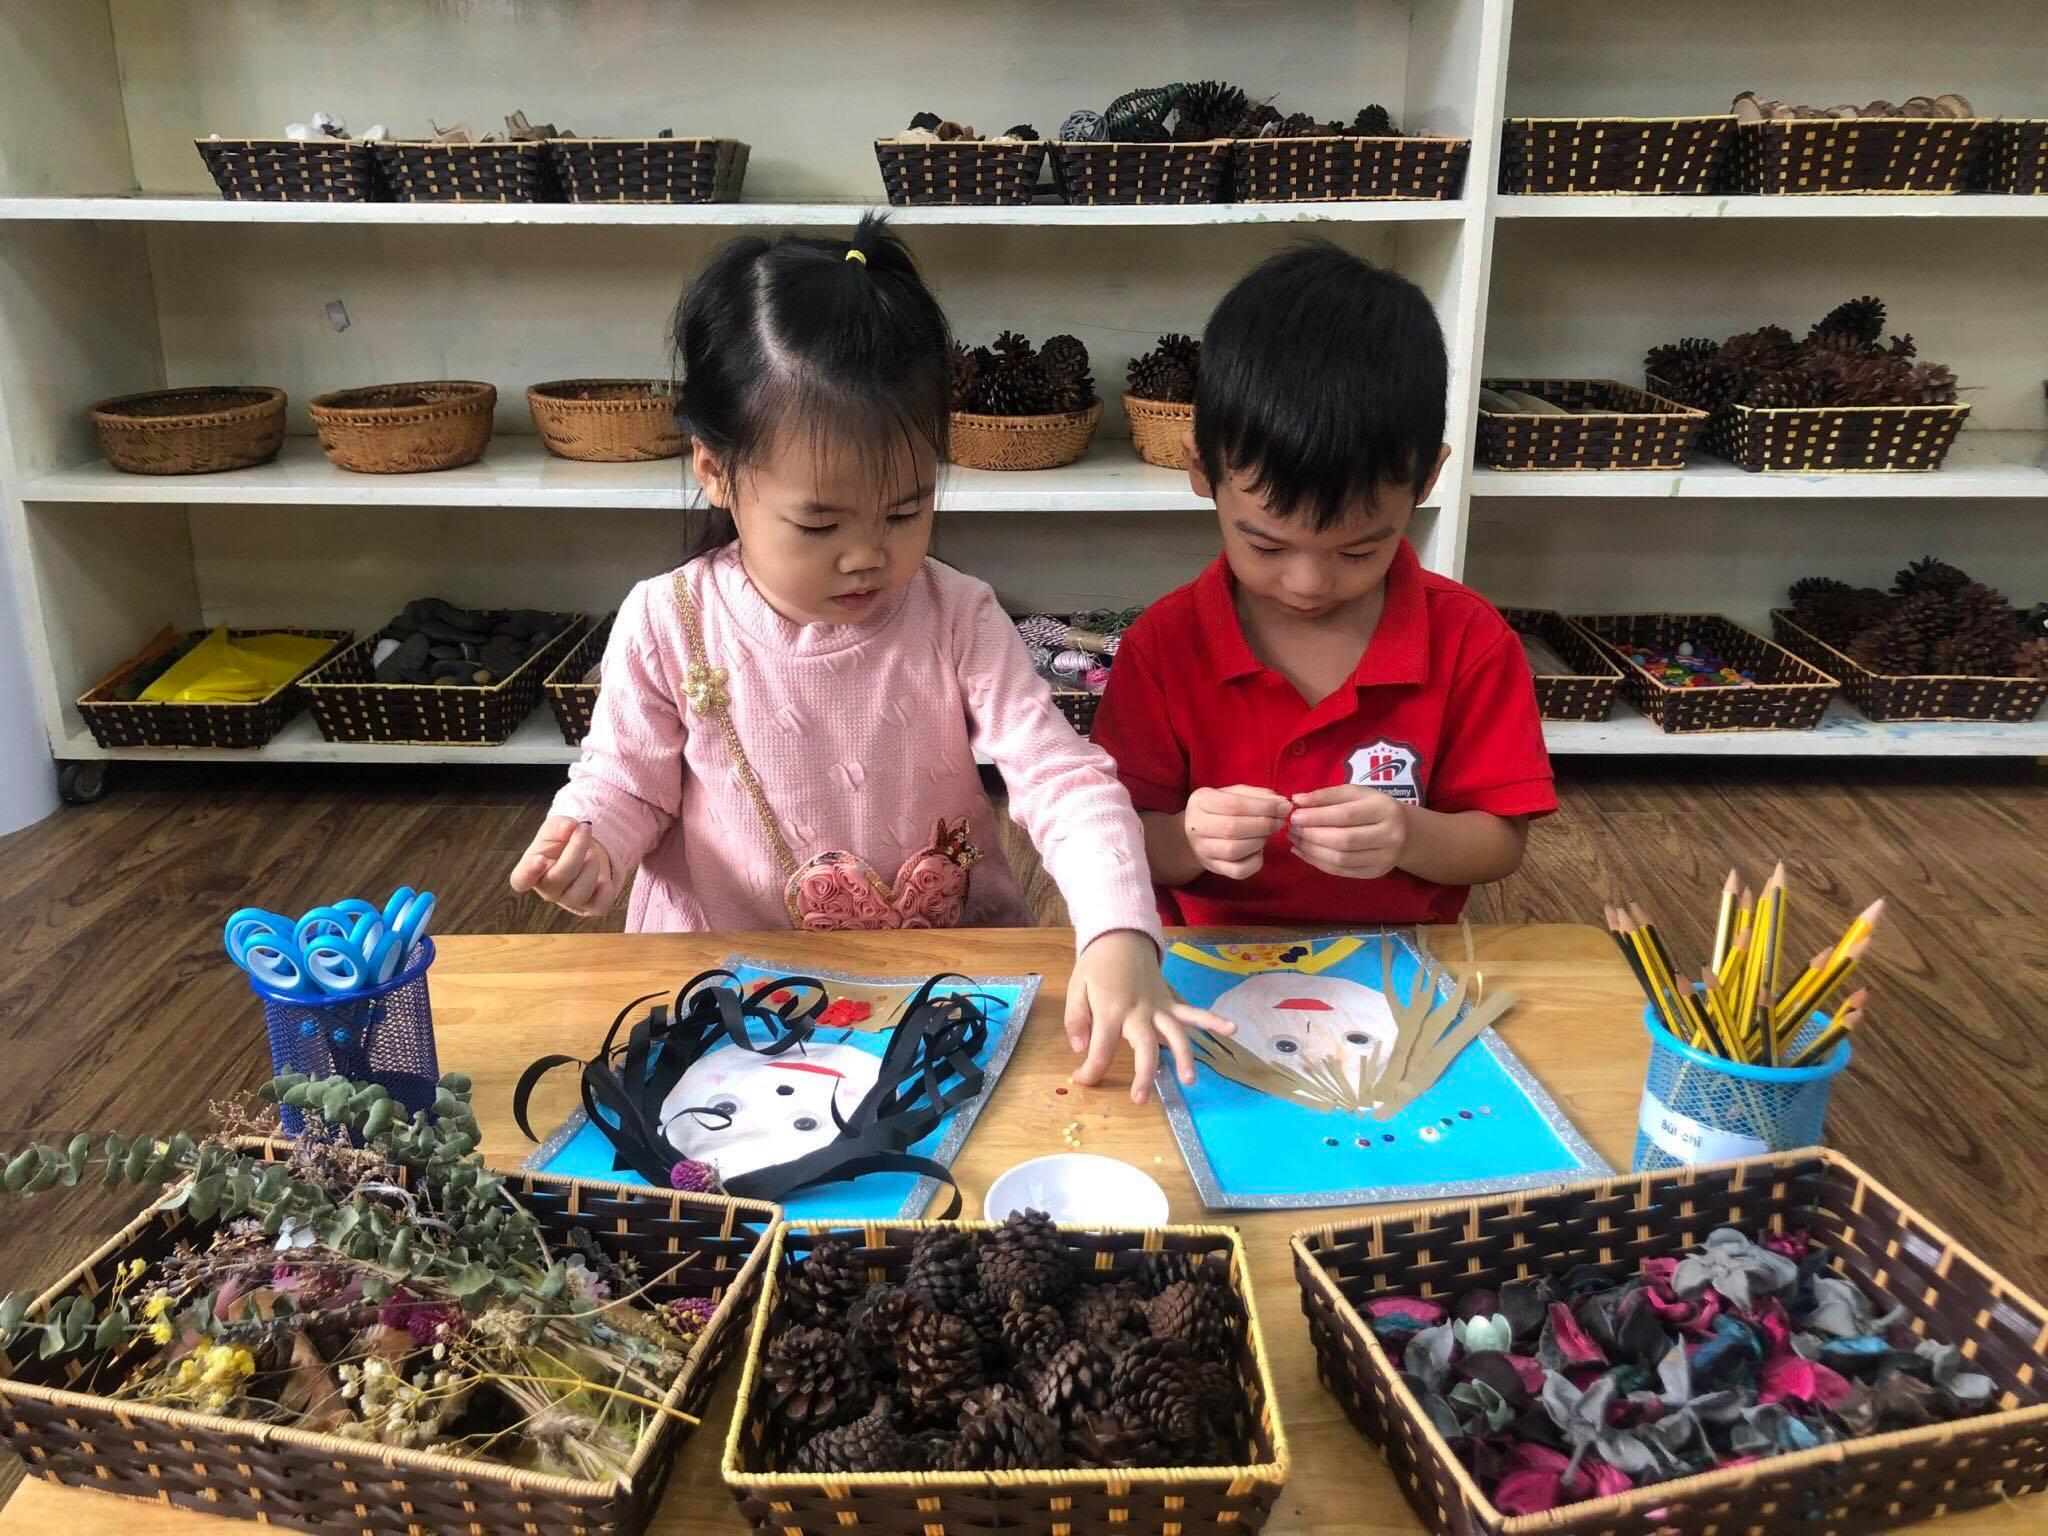 Hàng trăm ngôn ngữ của trẻ Trang chủ